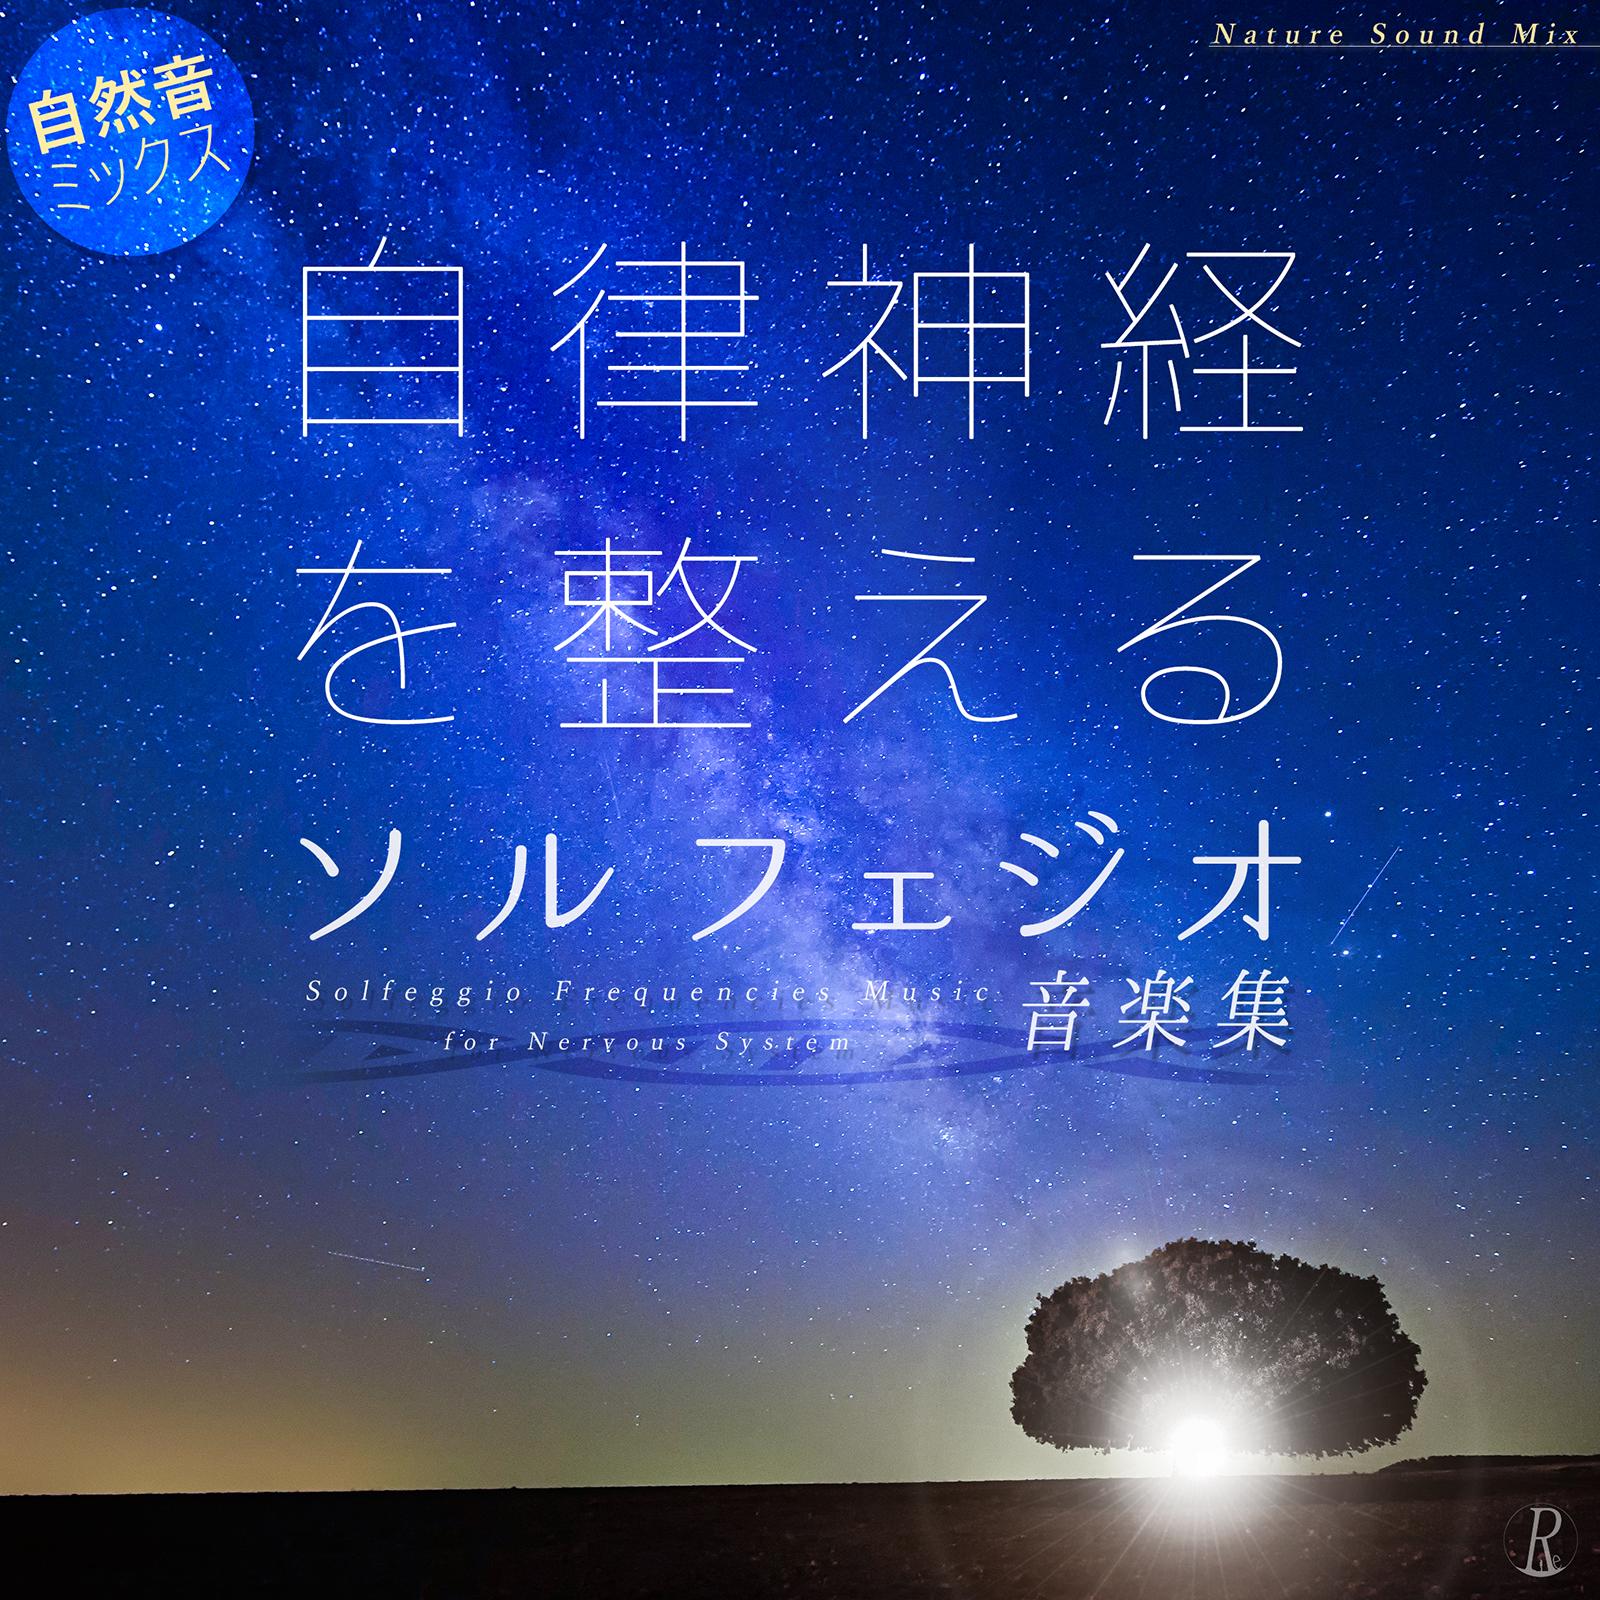 Relax Playlist feat. ソルフェジオ ラボ - 自律神経を整えるソルフェジオ音楽集 自然音ミックス